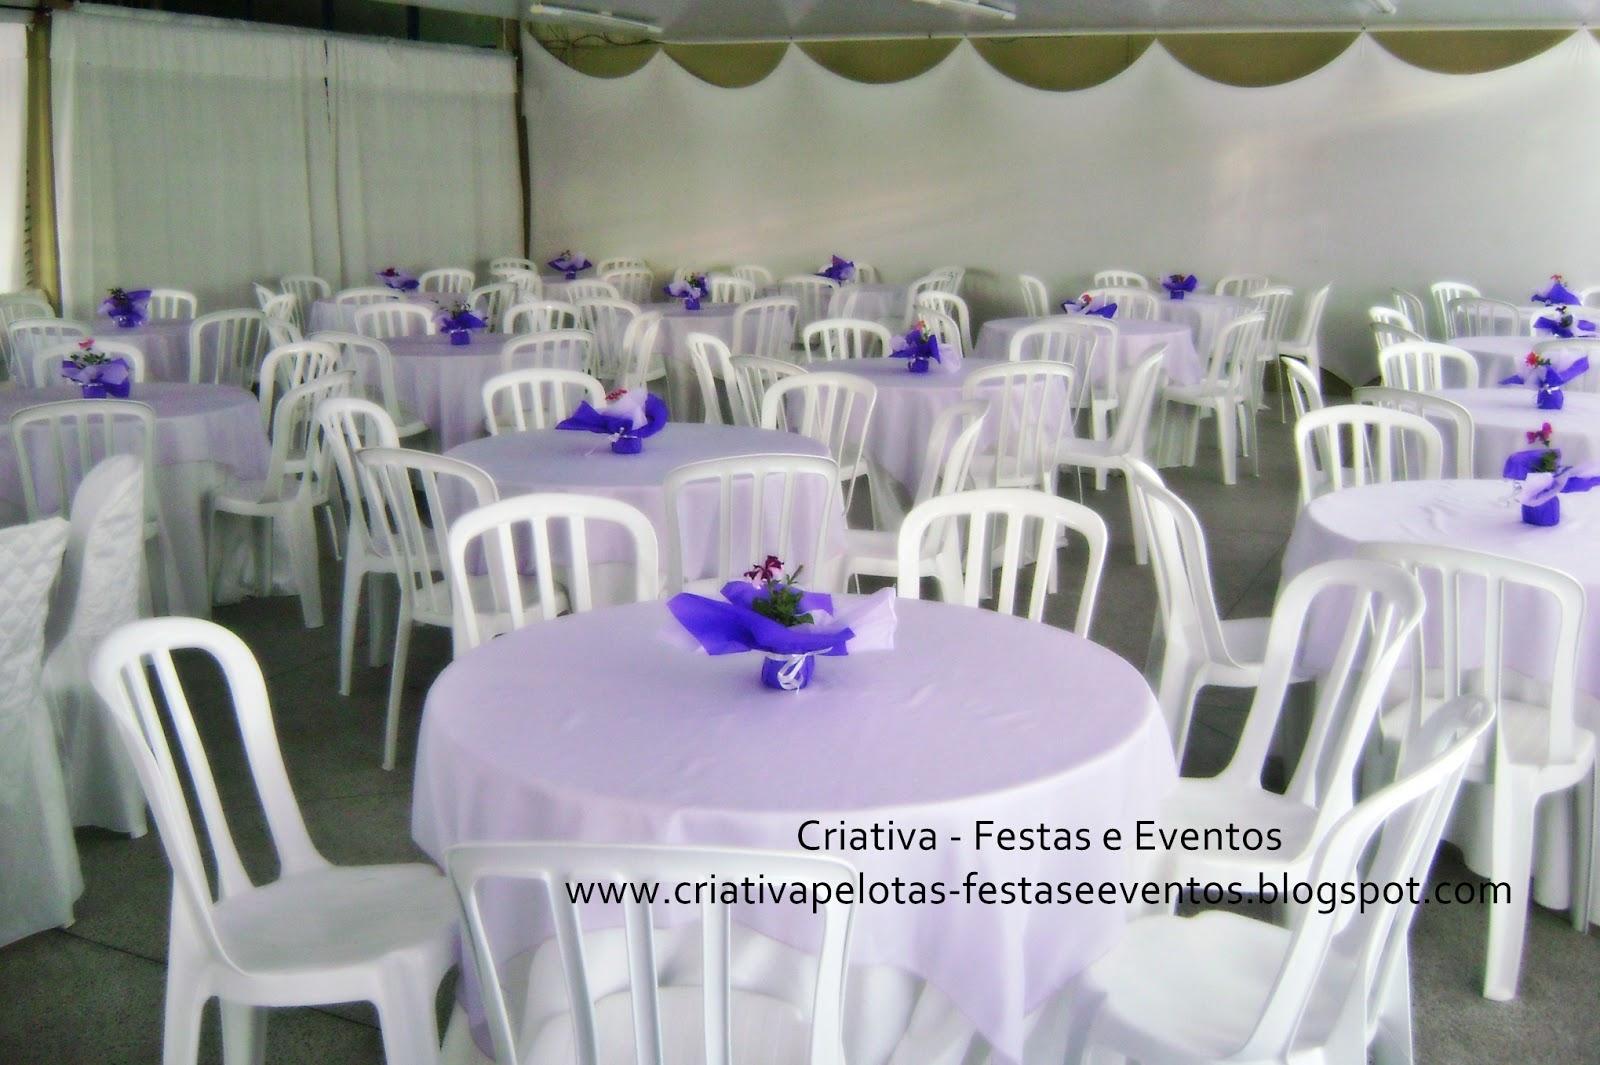 Criativa Festas e Eventos Decoração de Casamento  Lilás e Branco